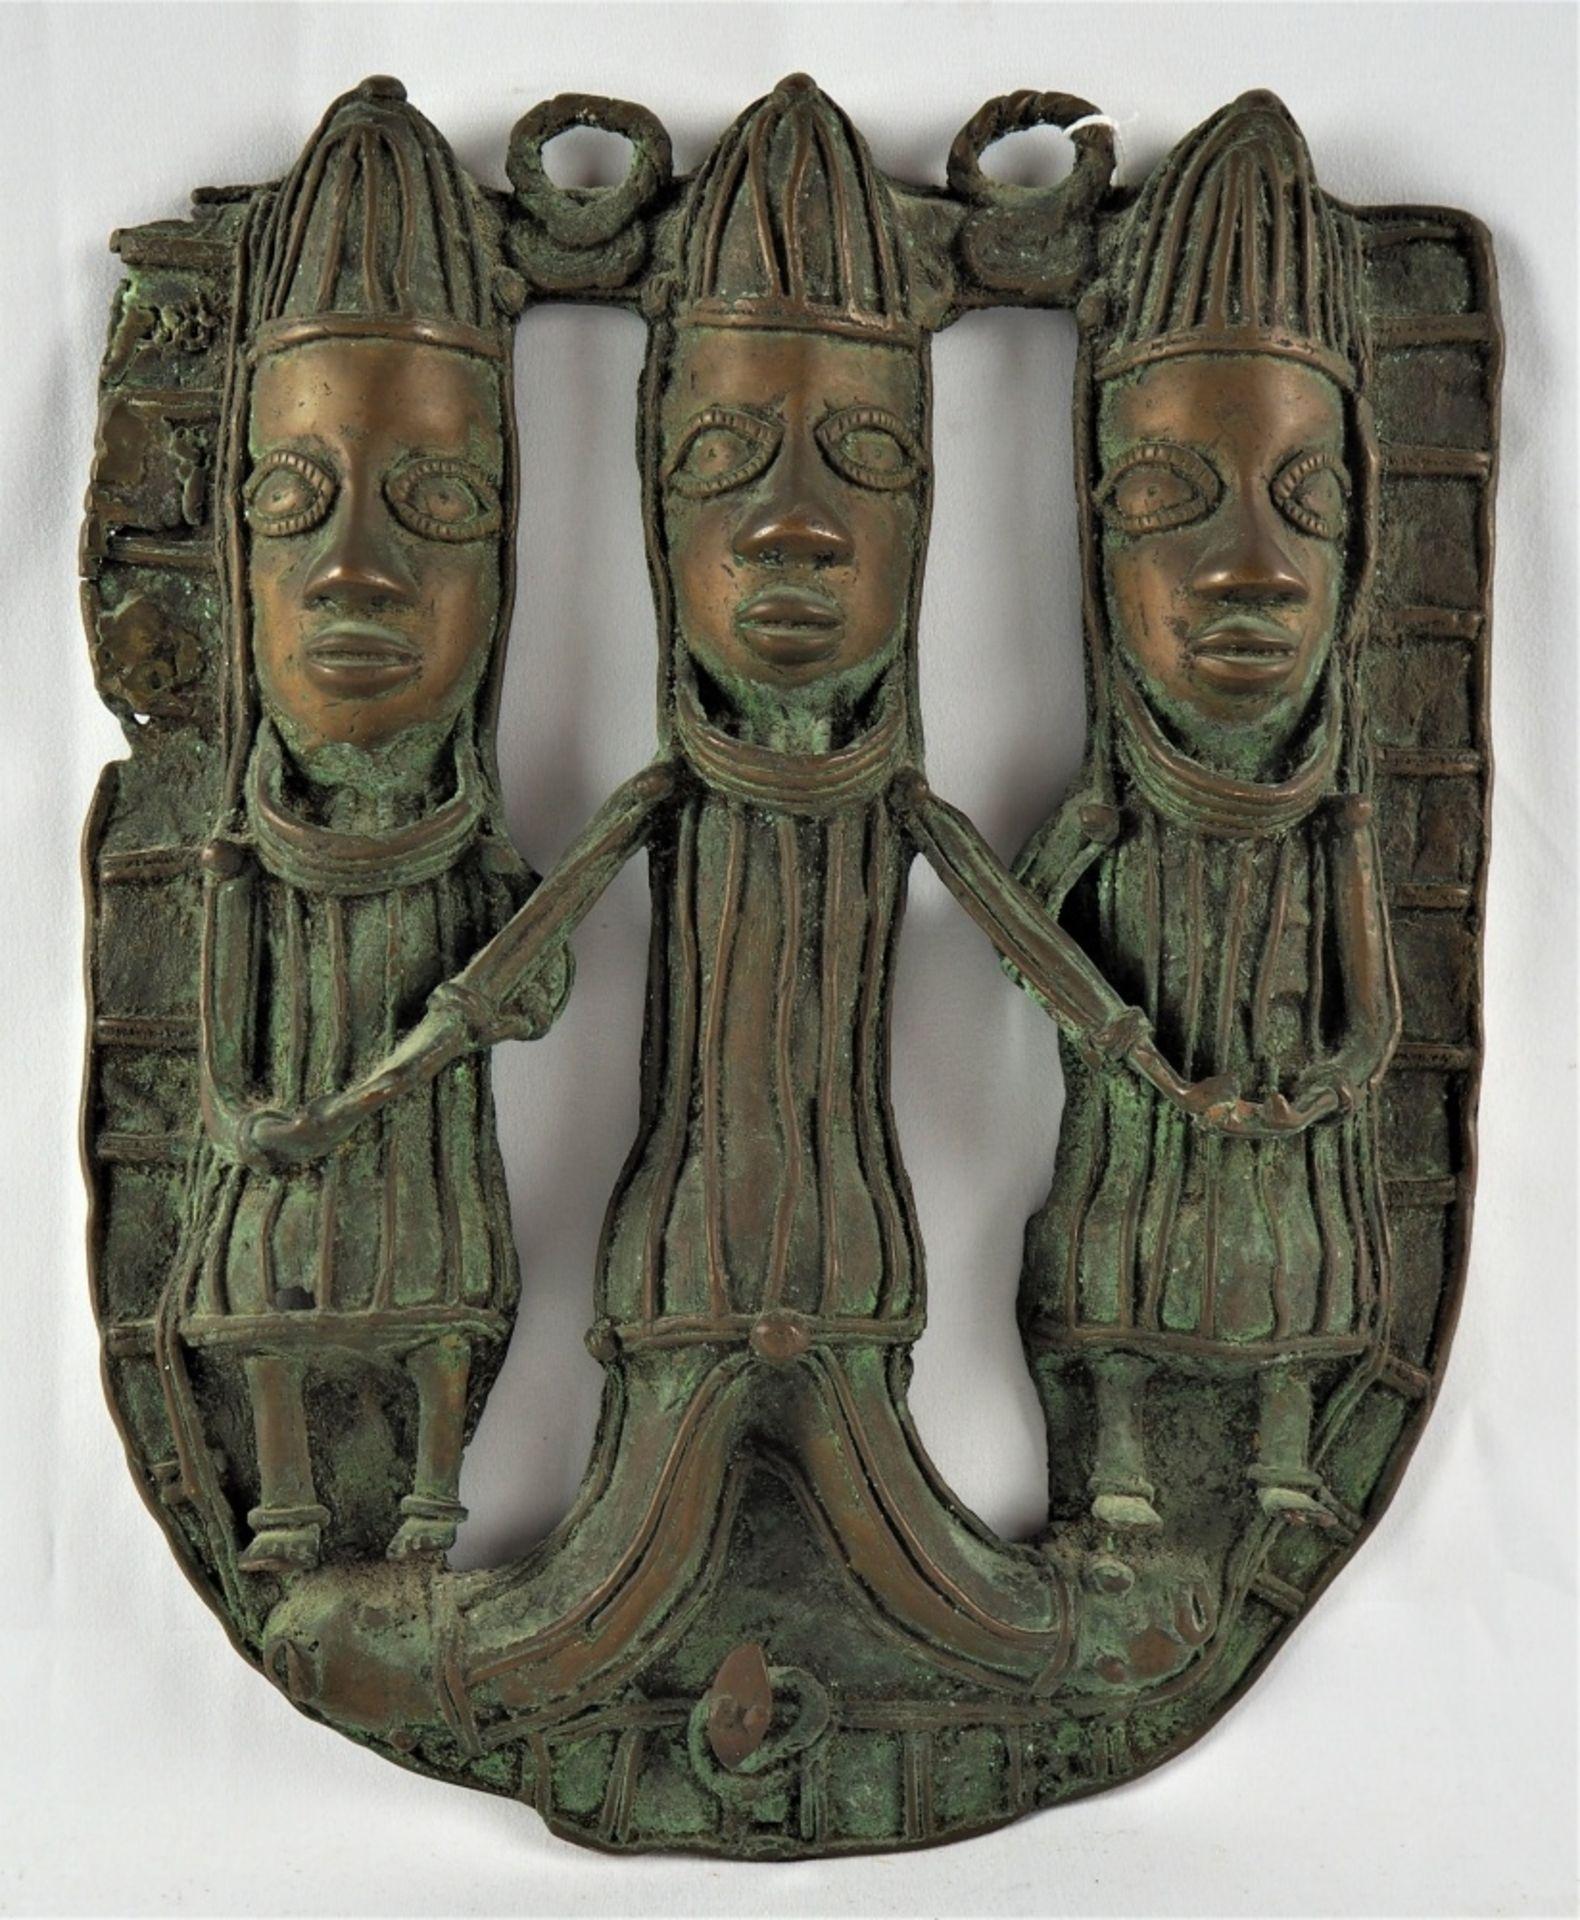 Los 368 - Bronzerelief Benin3-figuriges Bronzerelief aus dem Benin, halbplastische Darstellung,...